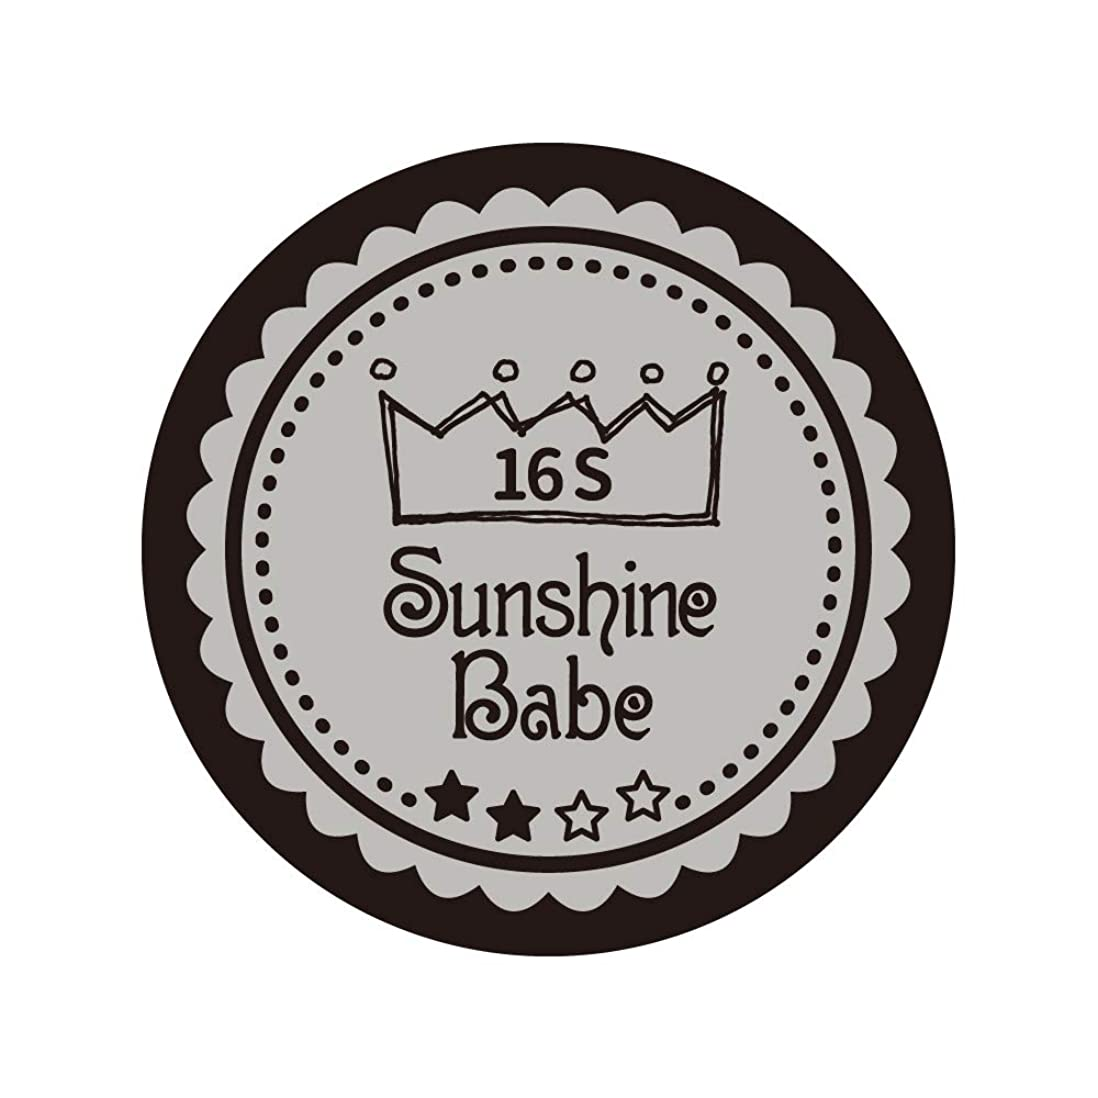 噴火洗練されたパイプラインSunshine Babe コスメティックカラー 16S ハーバーミスト 4g UV/LED対応